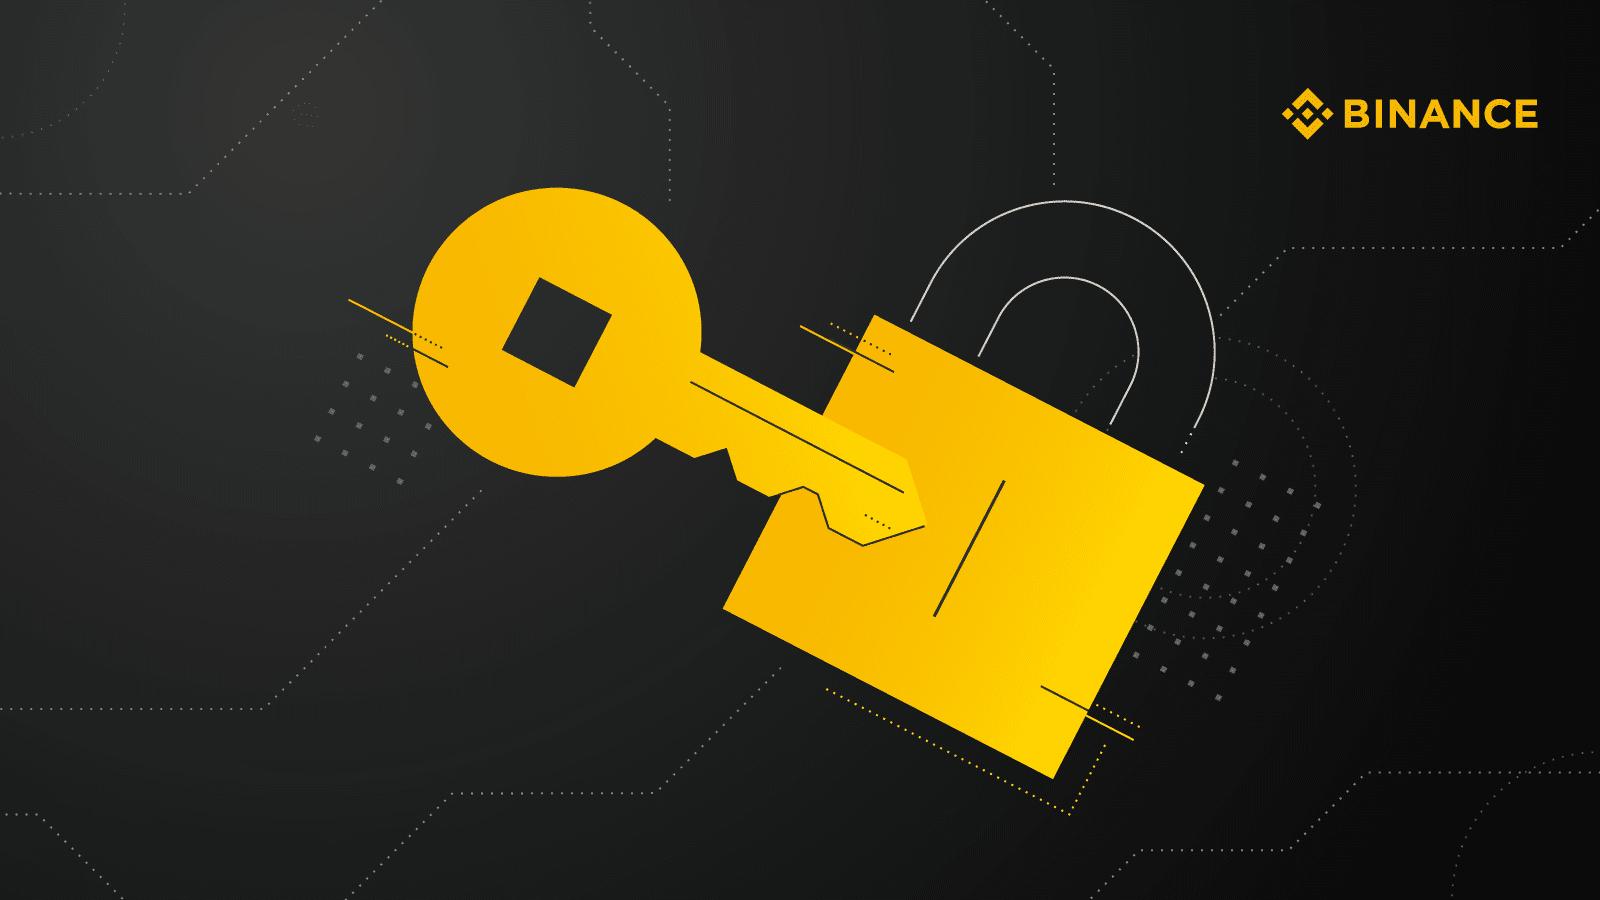 14 Consigli per Migliorare la Sicurezza del Tuo Account Binance